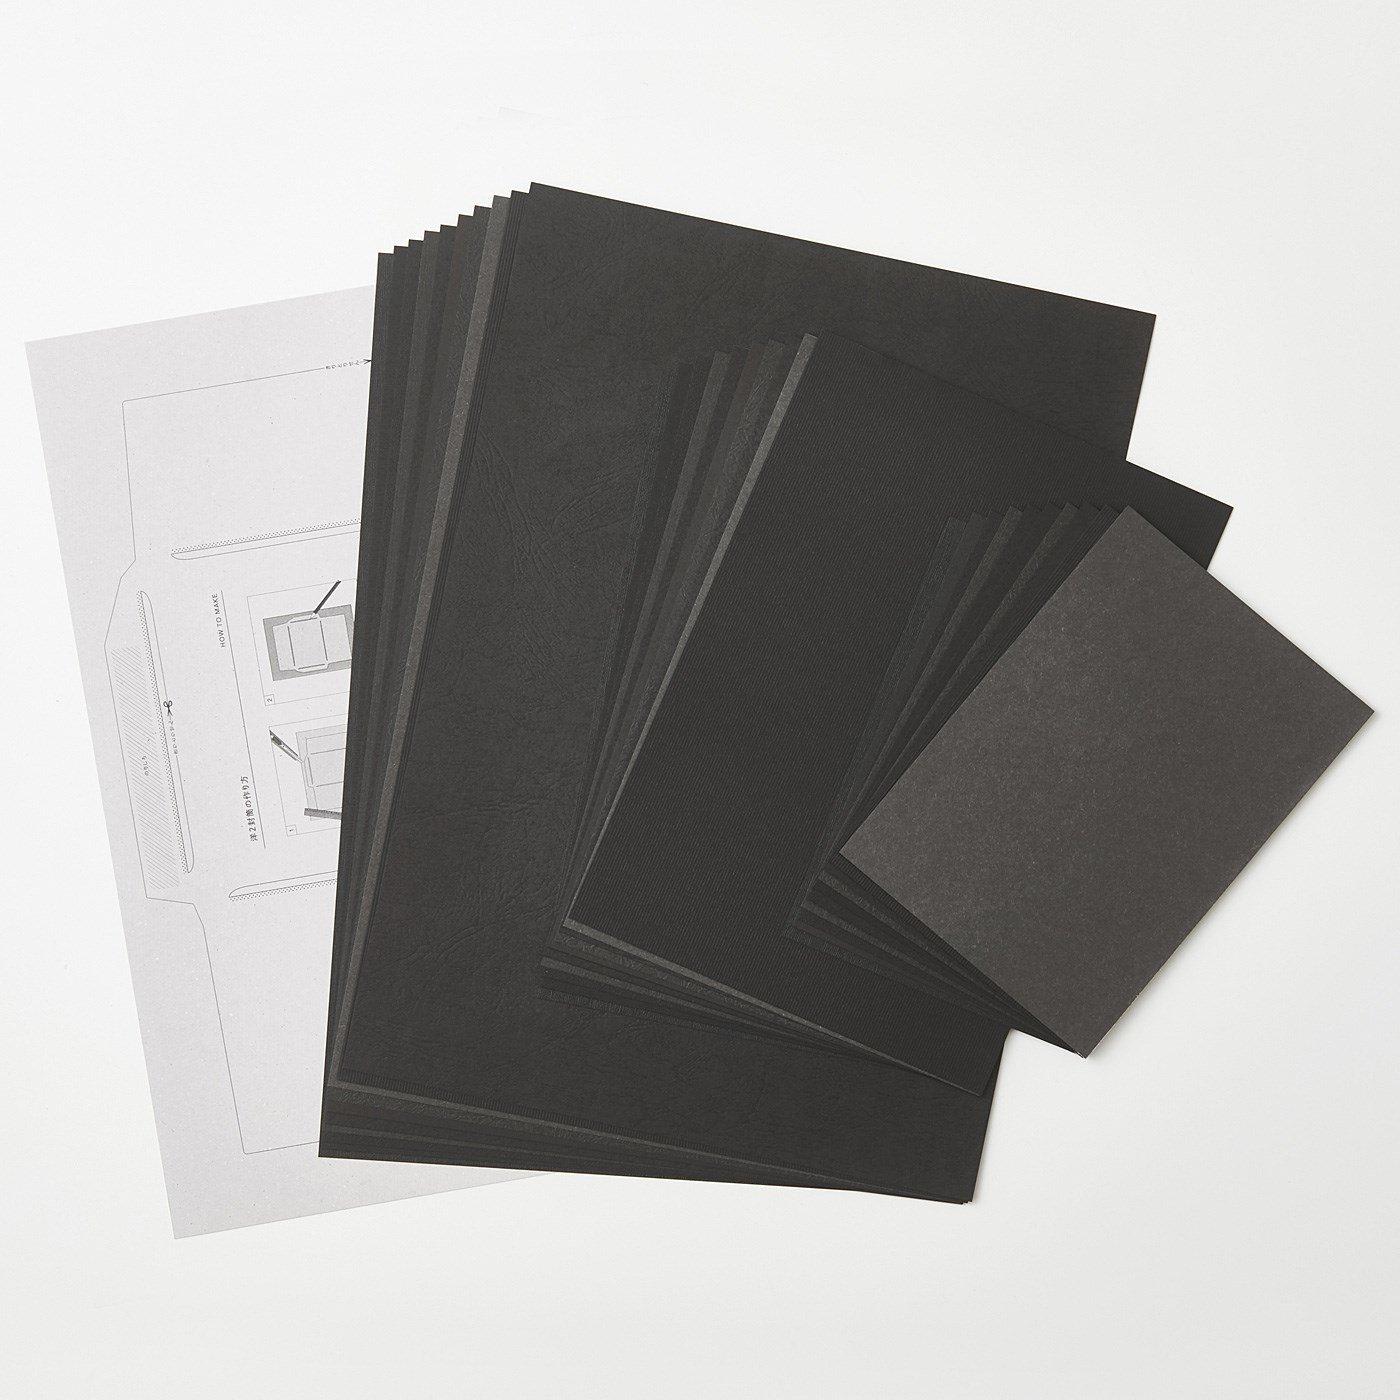 OSYAIRO 紙の専門商社竹尾が選ぶ 色を楽しむ紙セットの会〈黒〉